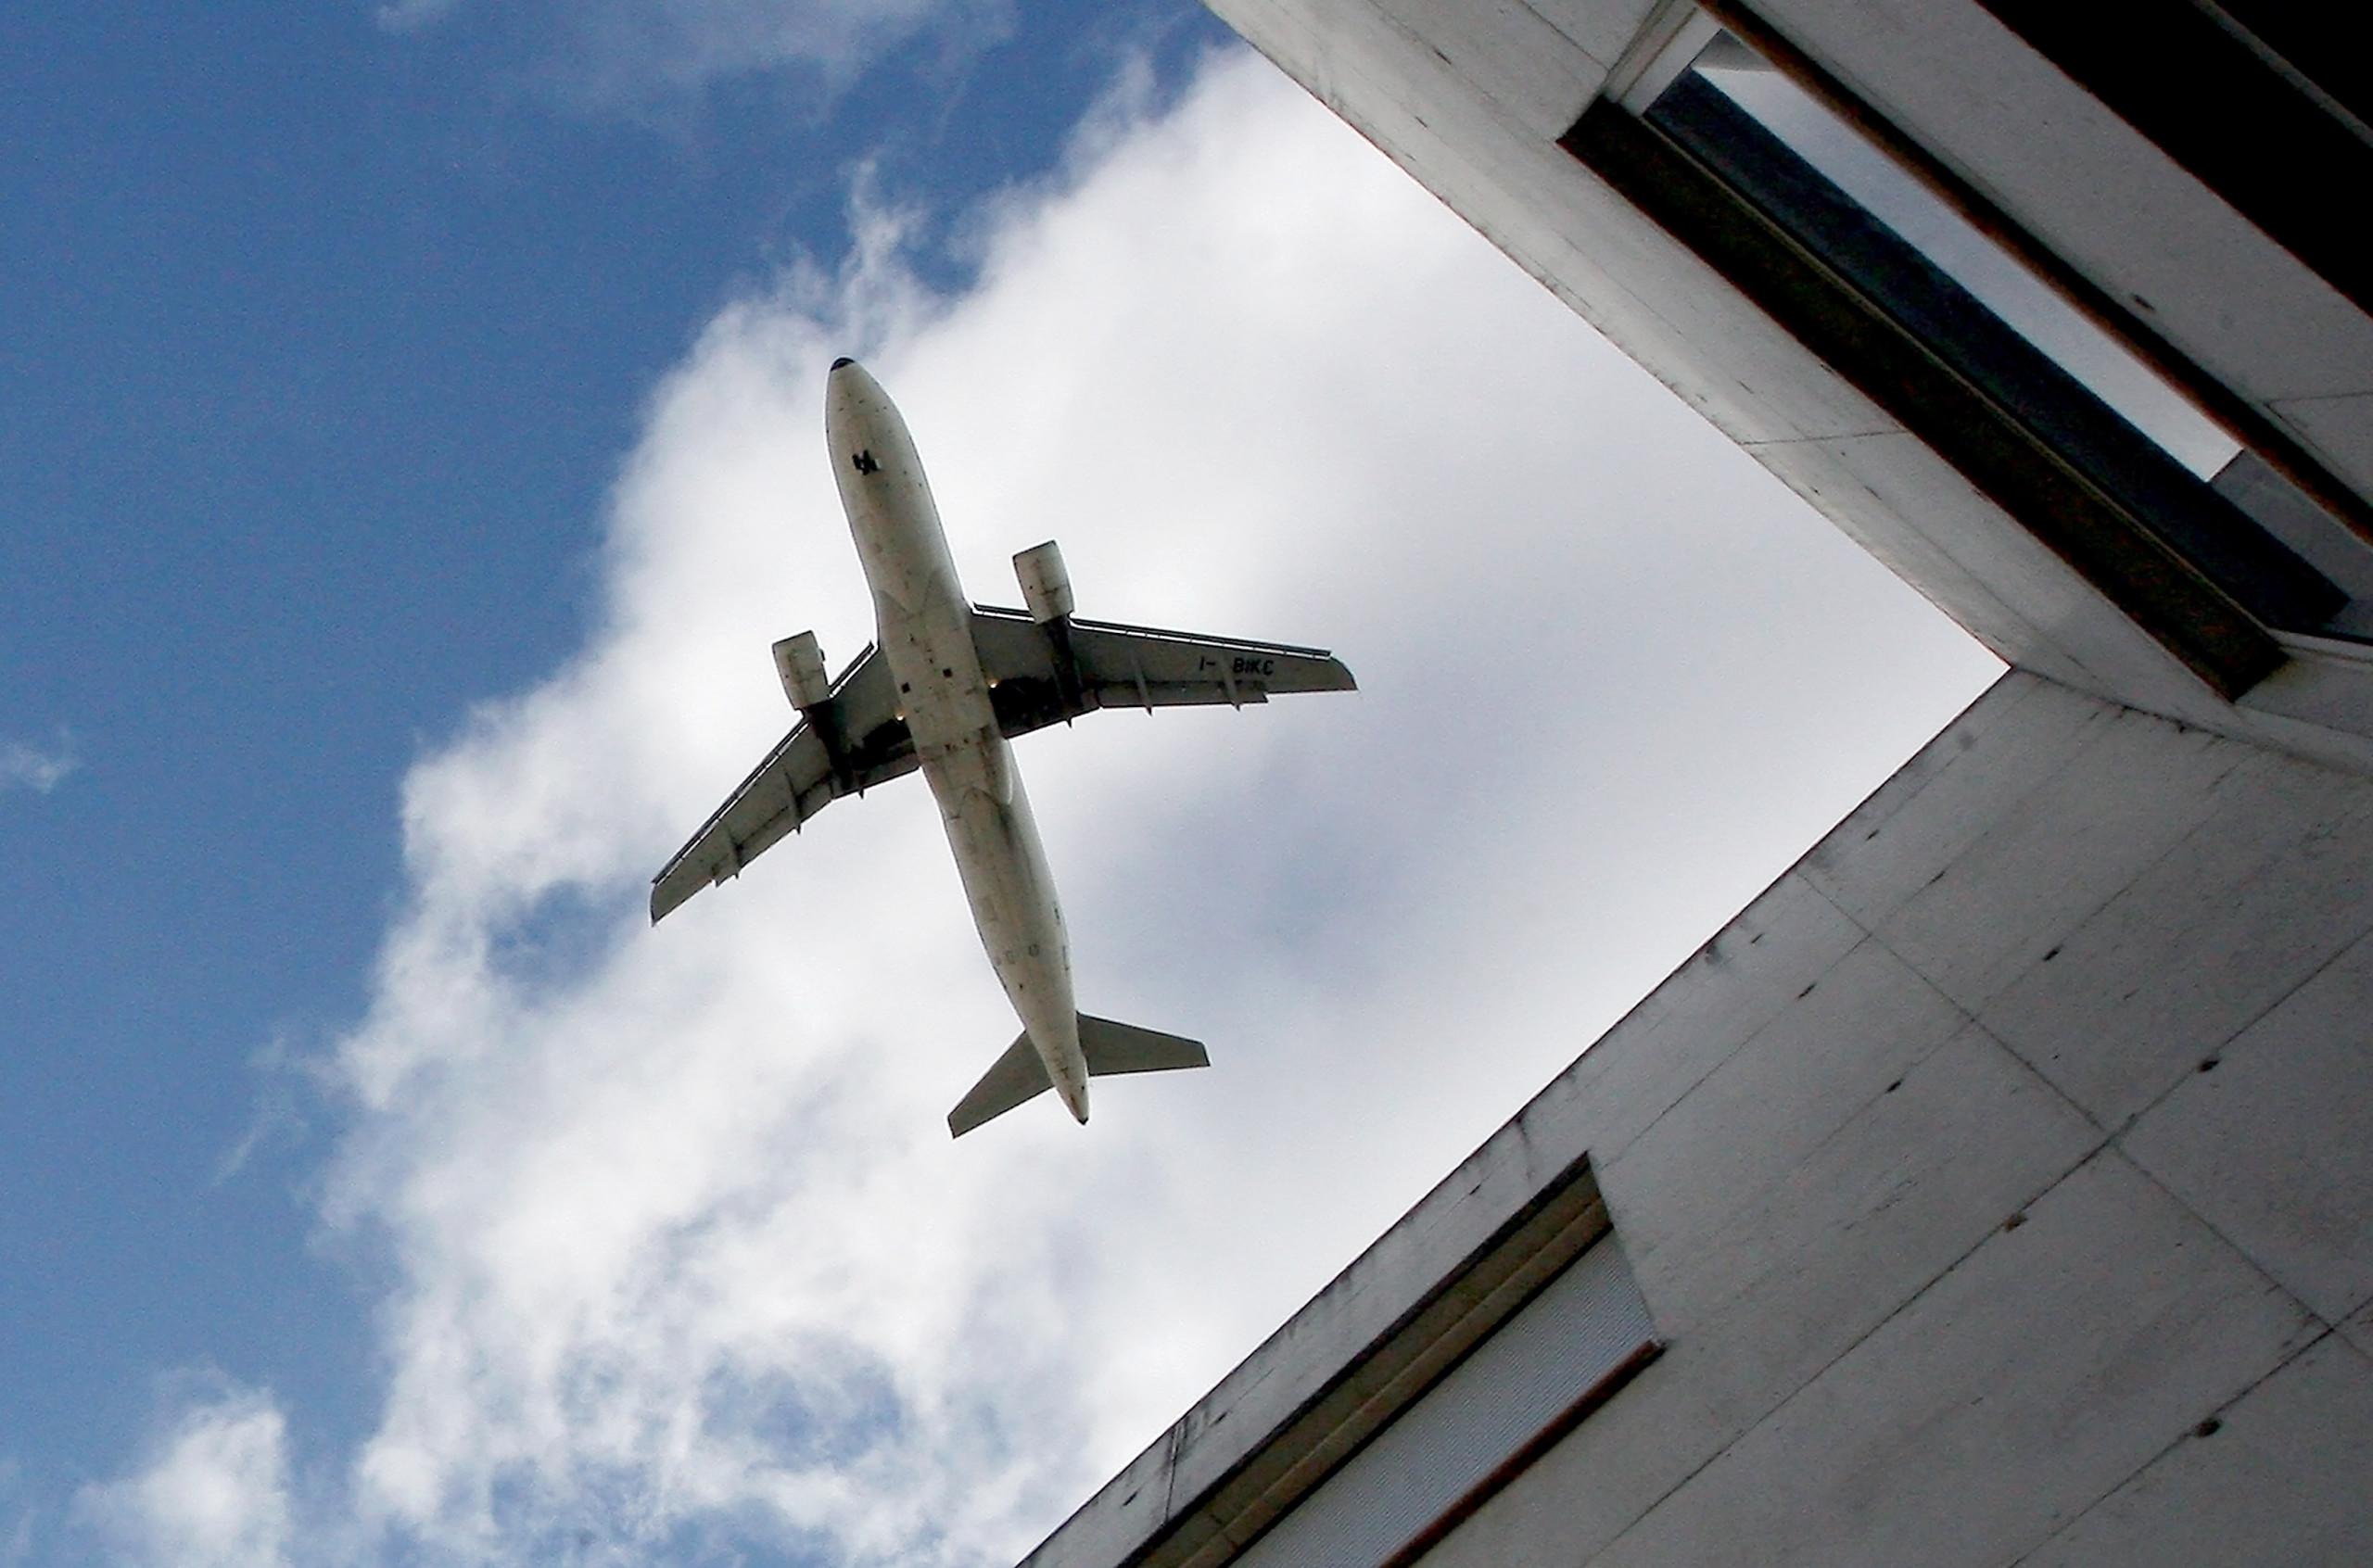 Novo Aeroporto de Luanda é demasiado grande e vai piorar trânsito